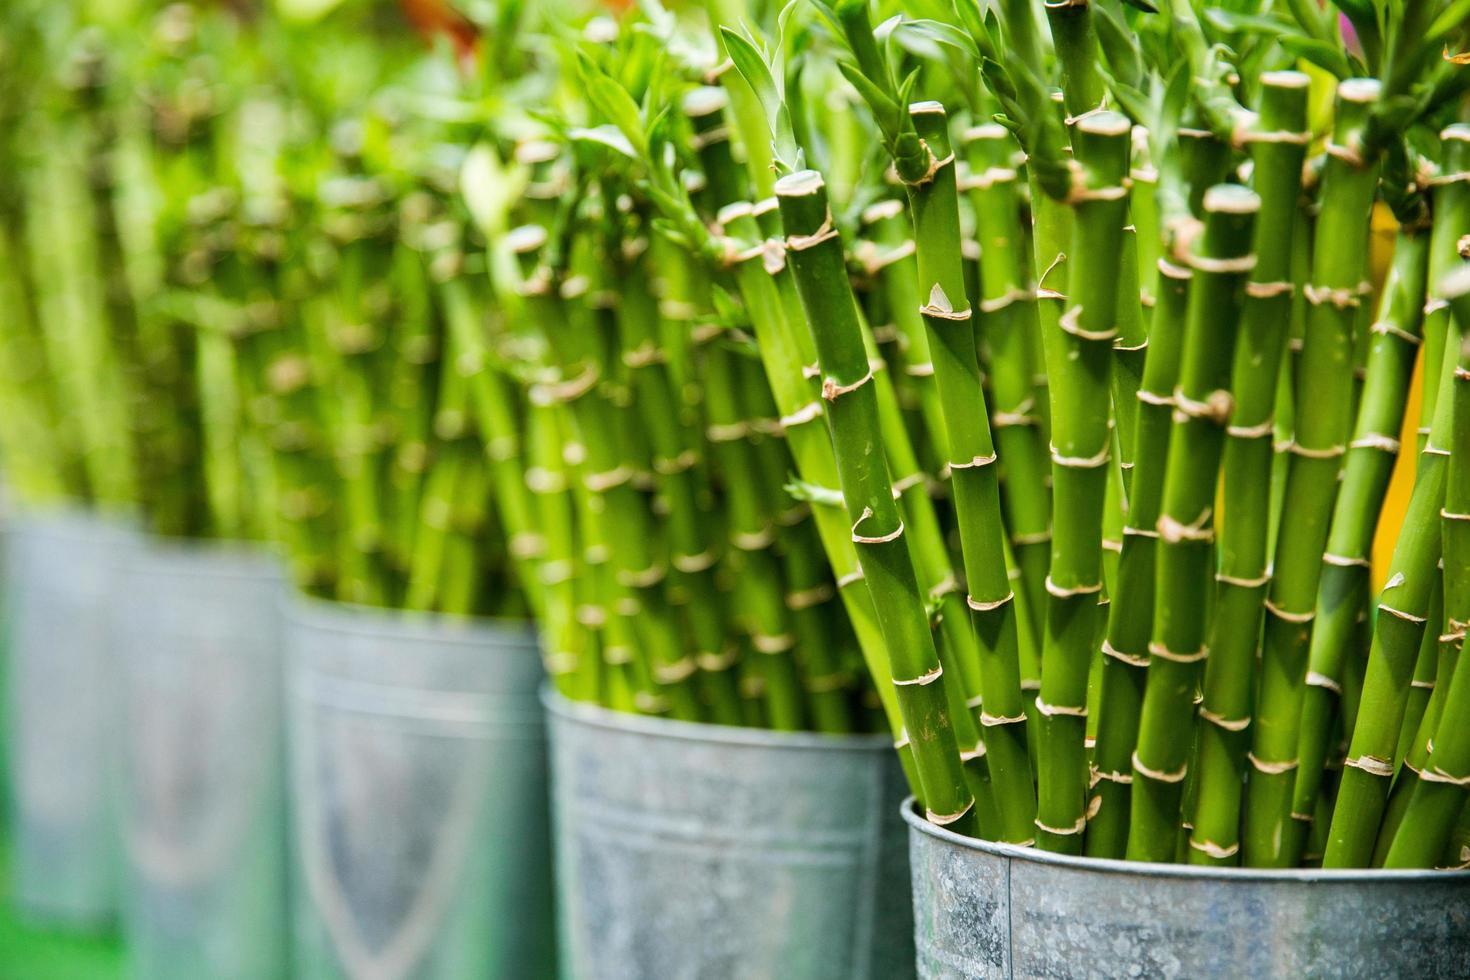 rangées de bâtons de bambou dans des seaux photo